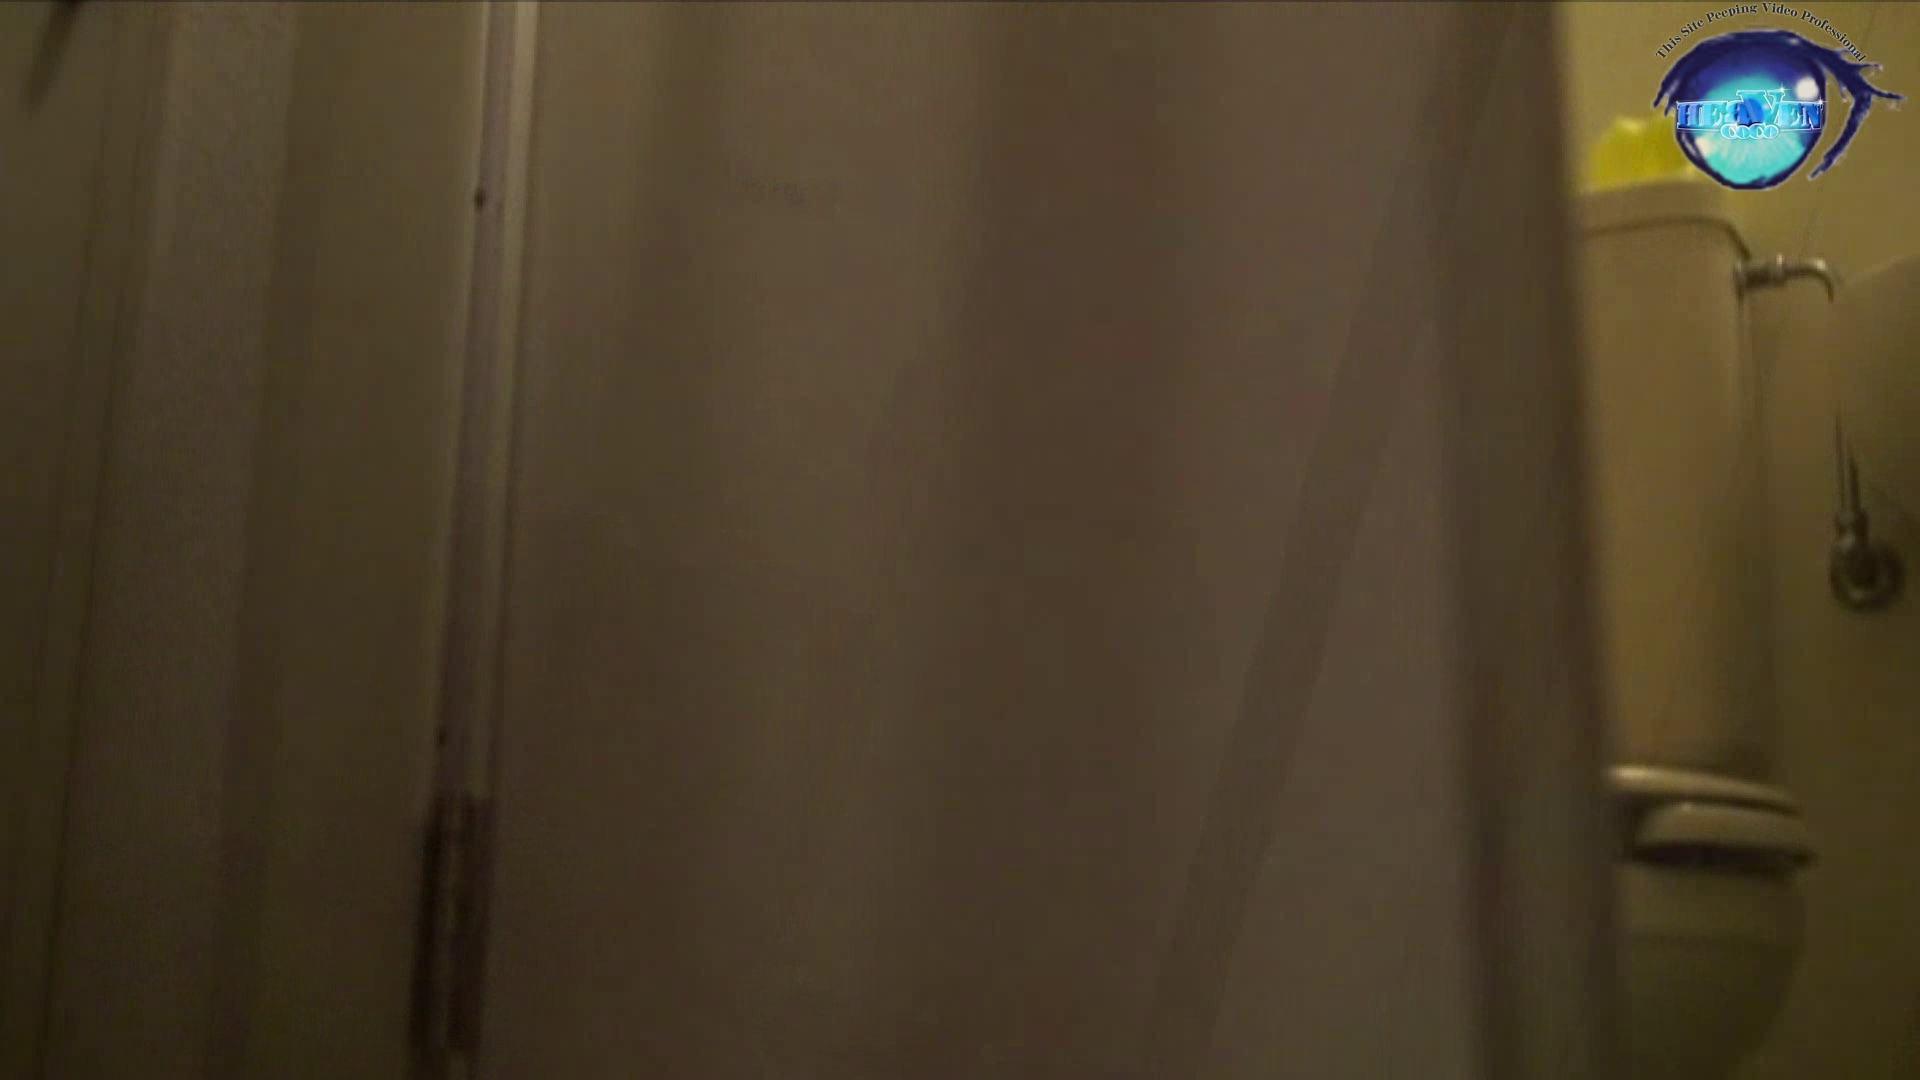 飛び出す黄金水!!!アトレ潜入 かわや盗撮 vol.07 厠・・・ ワレメ無修正動画無料 113PIX 52